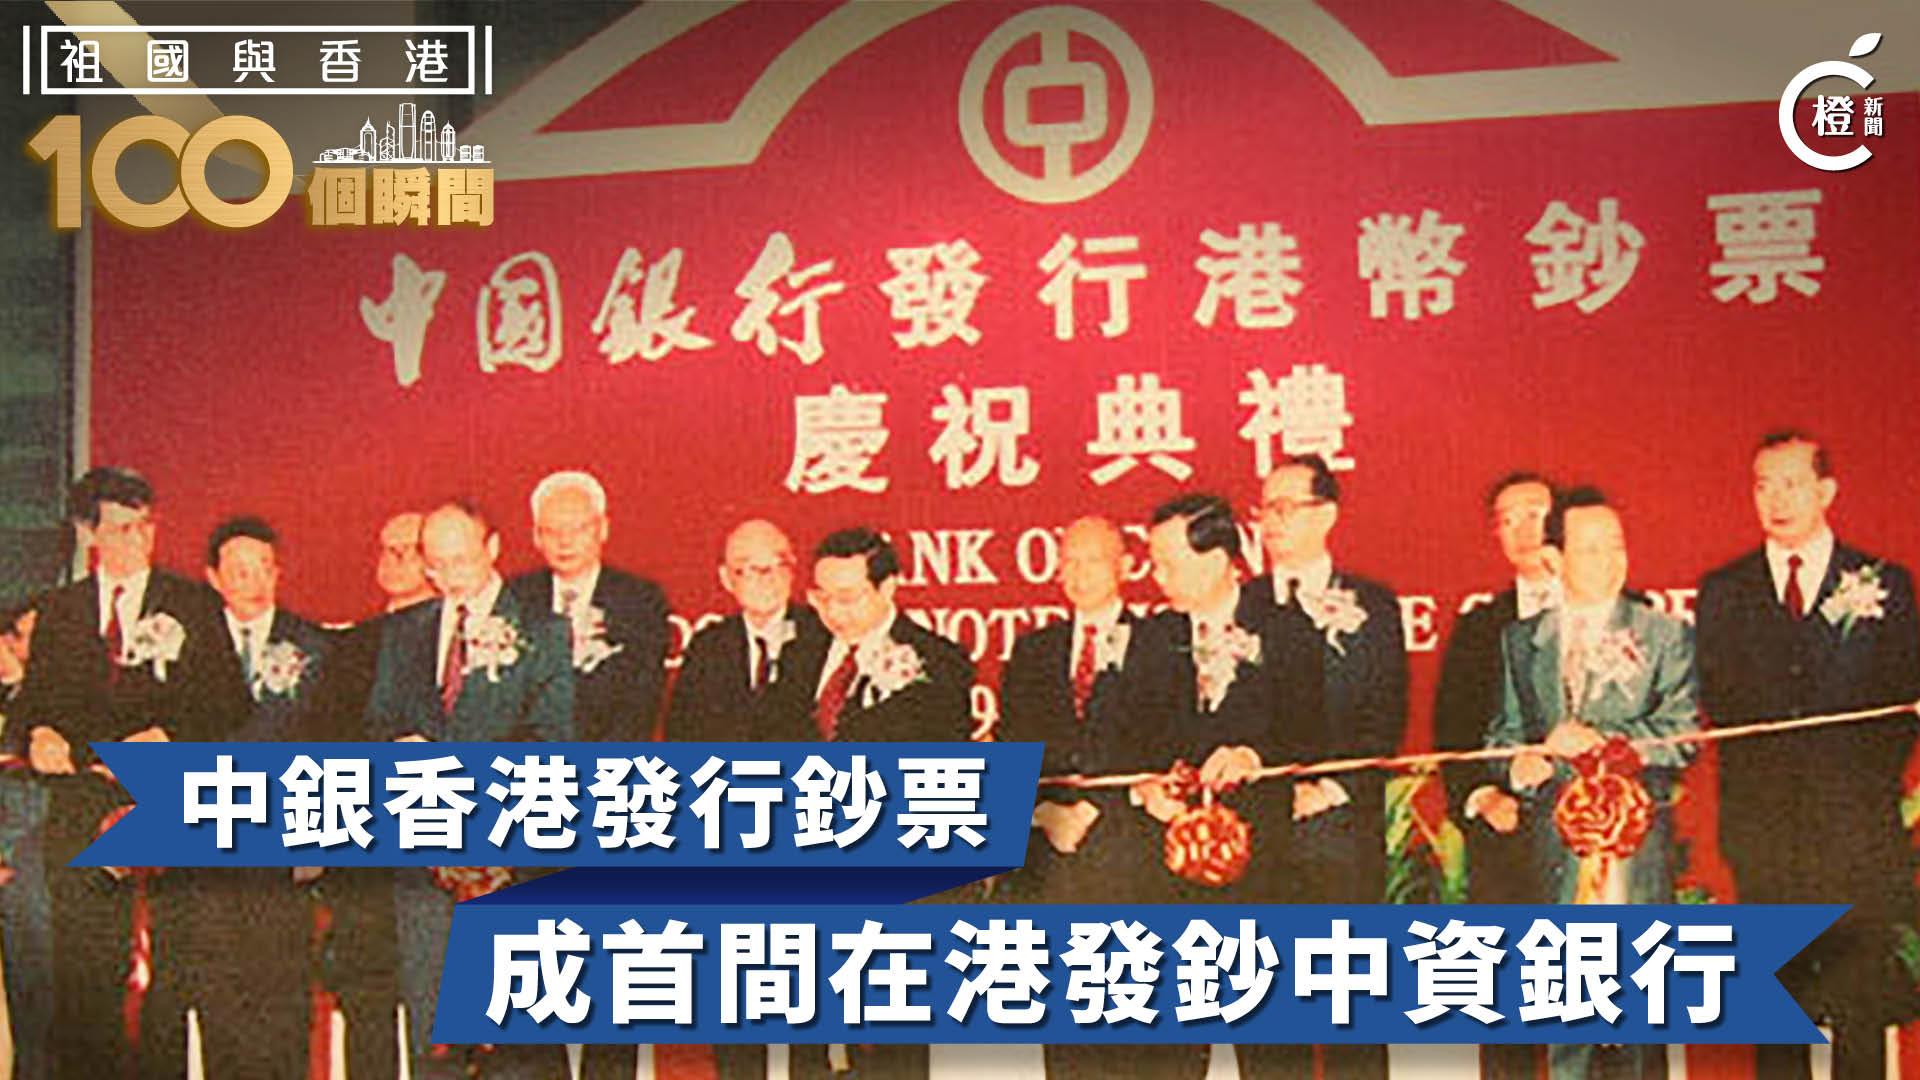 【祖國與香港100個瞬間】中銀香港發行鈔票 成首間在港發鈔中資銀行